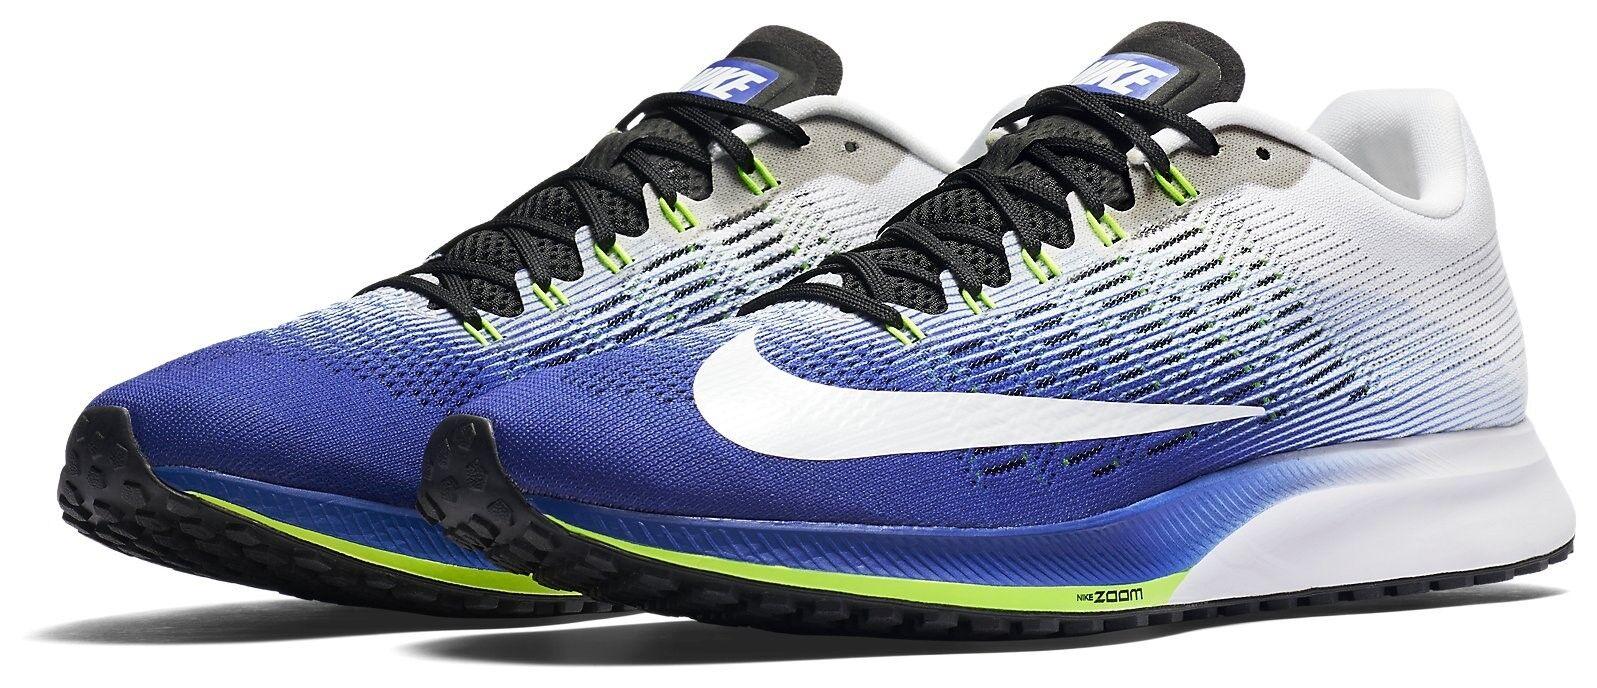 8f854162bba New Nike Sz 10 10 10 Men s Air Zoom Elite 9 Paramount Blue   white ...